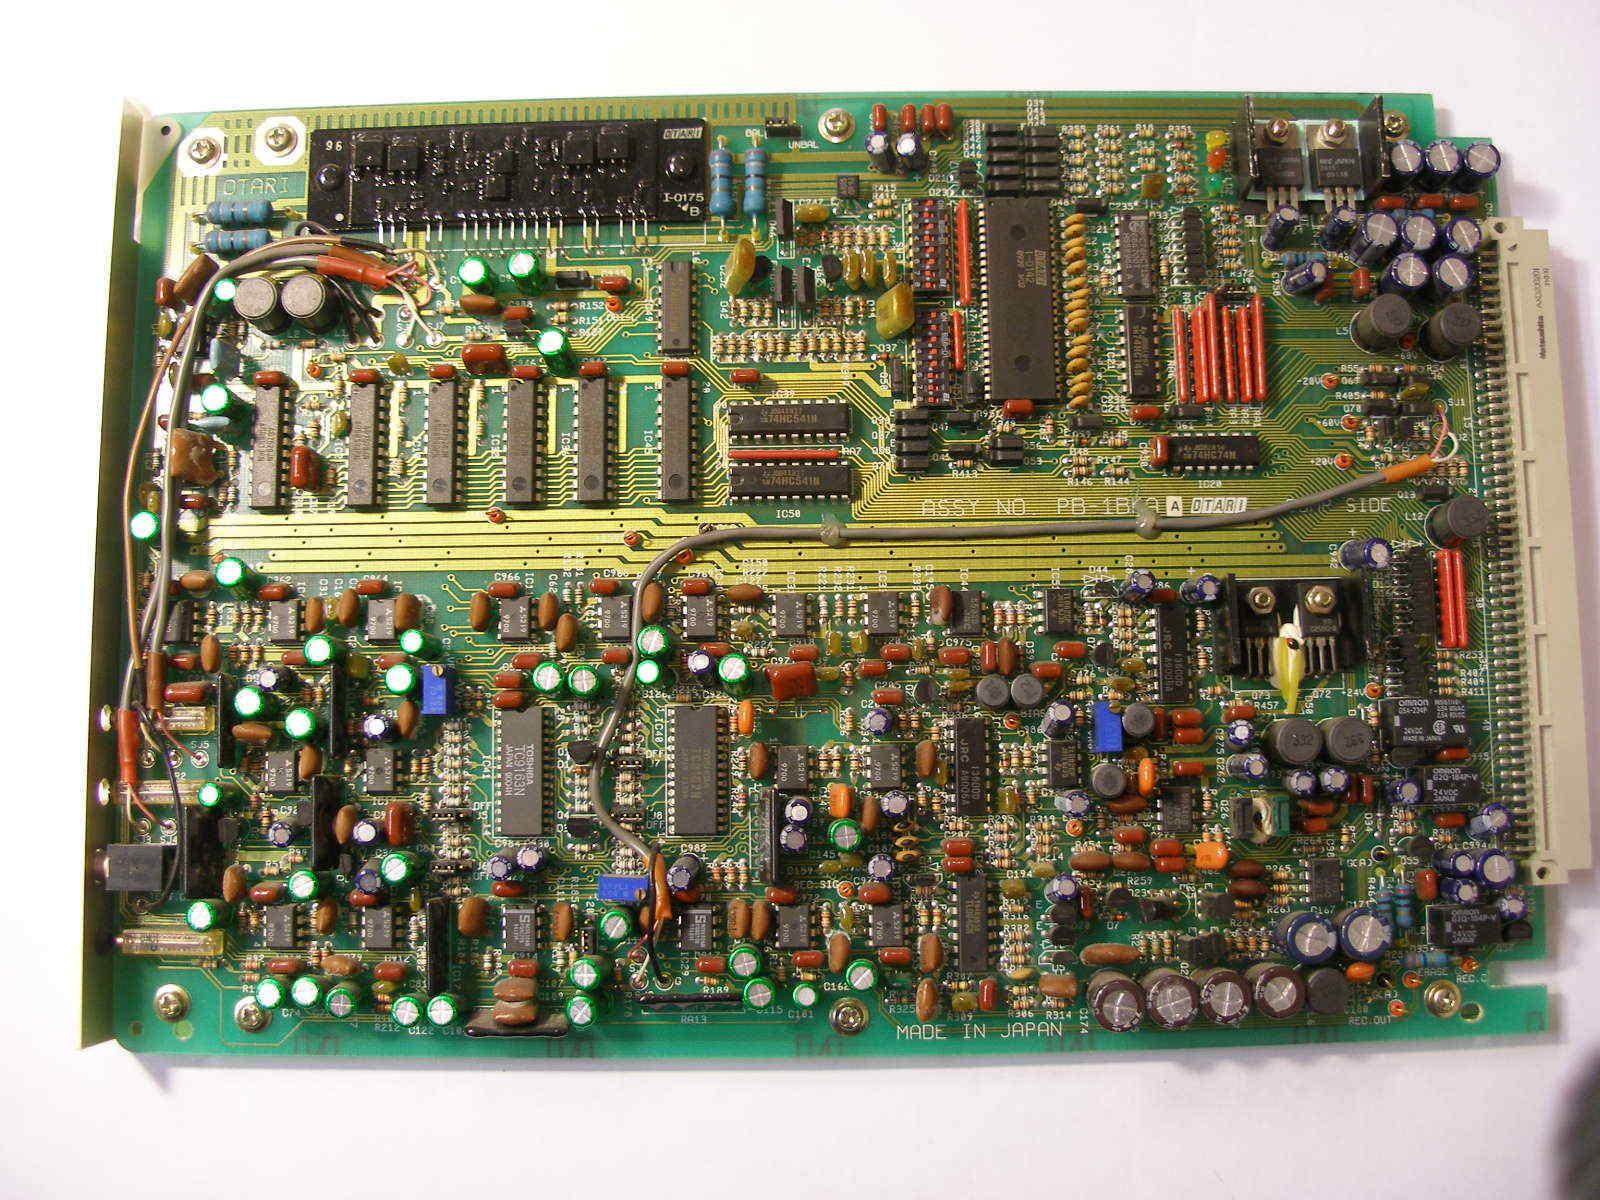 Otari MTR-100A channel audio card type PB-1BKA